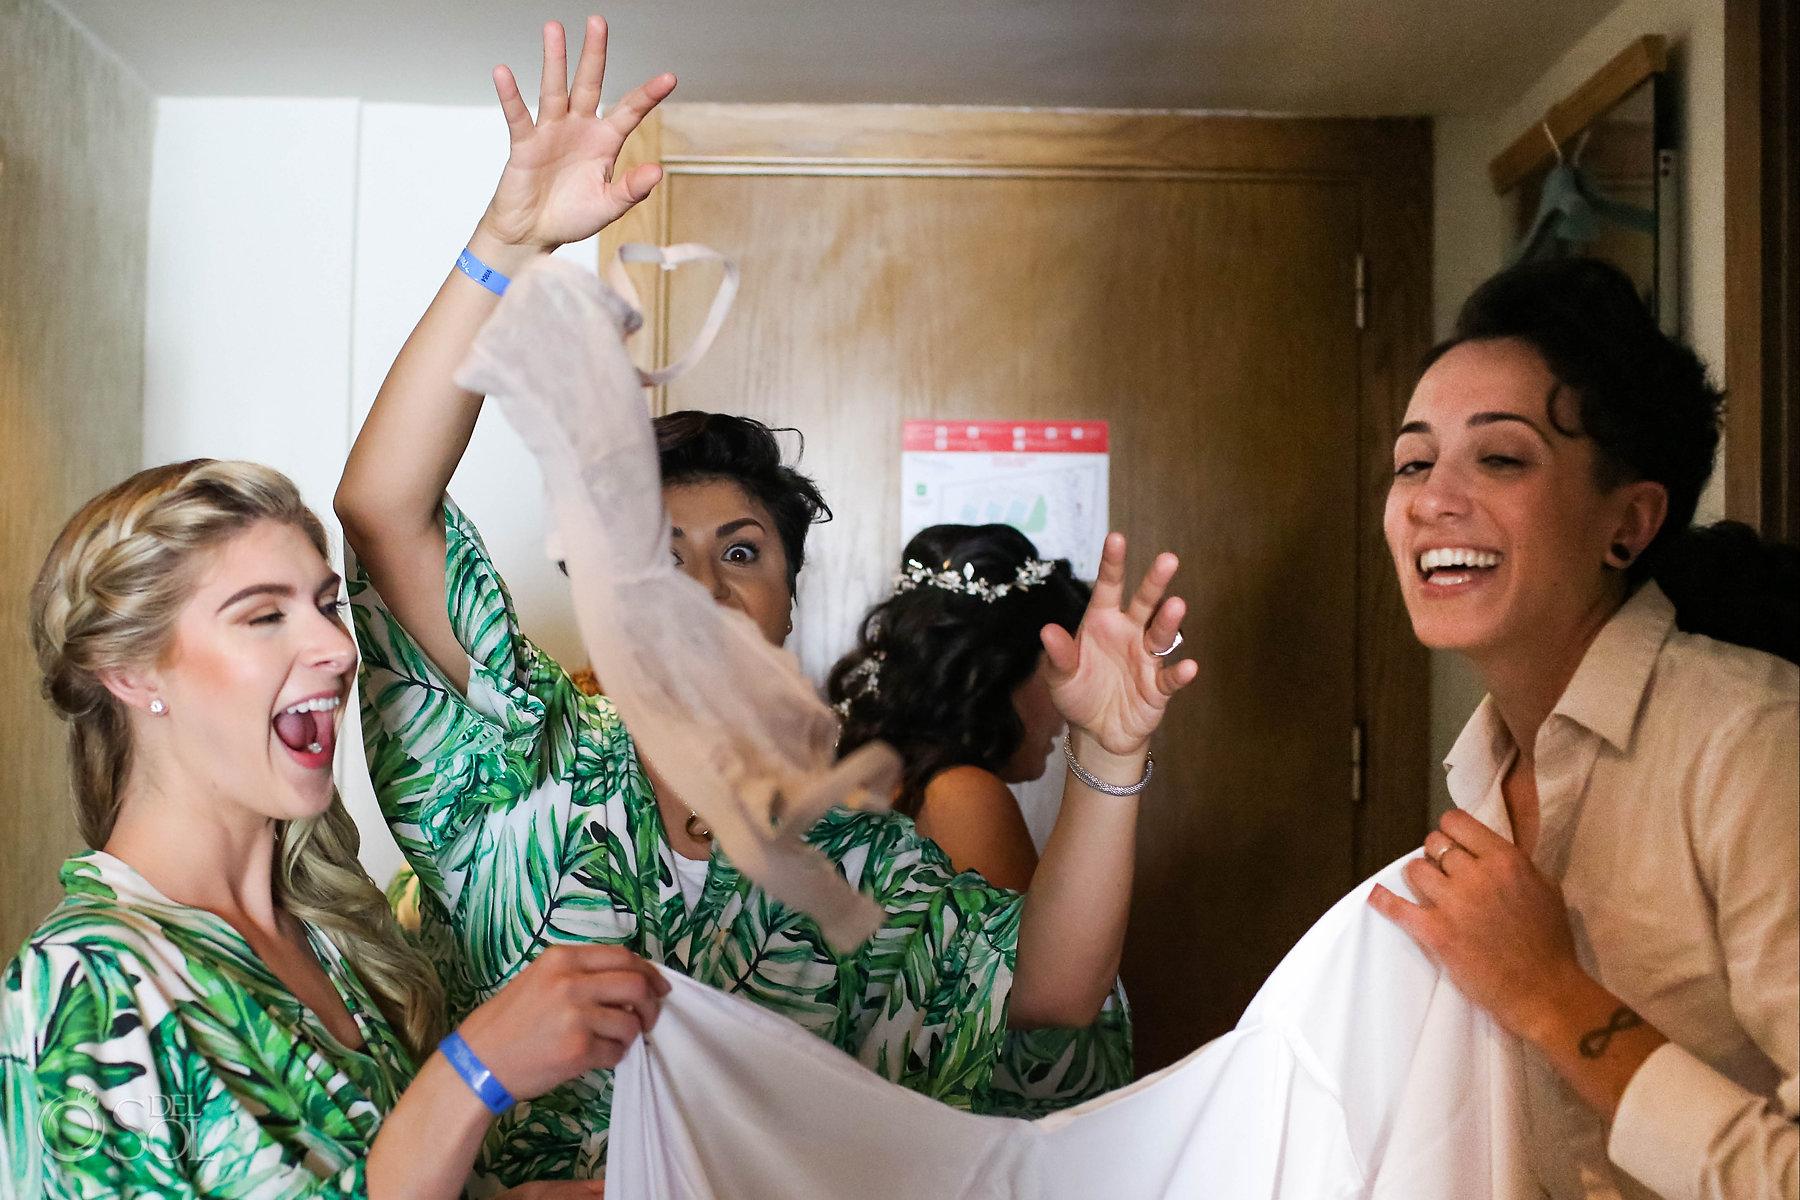 Documentary lesbian wedding photography getting ready